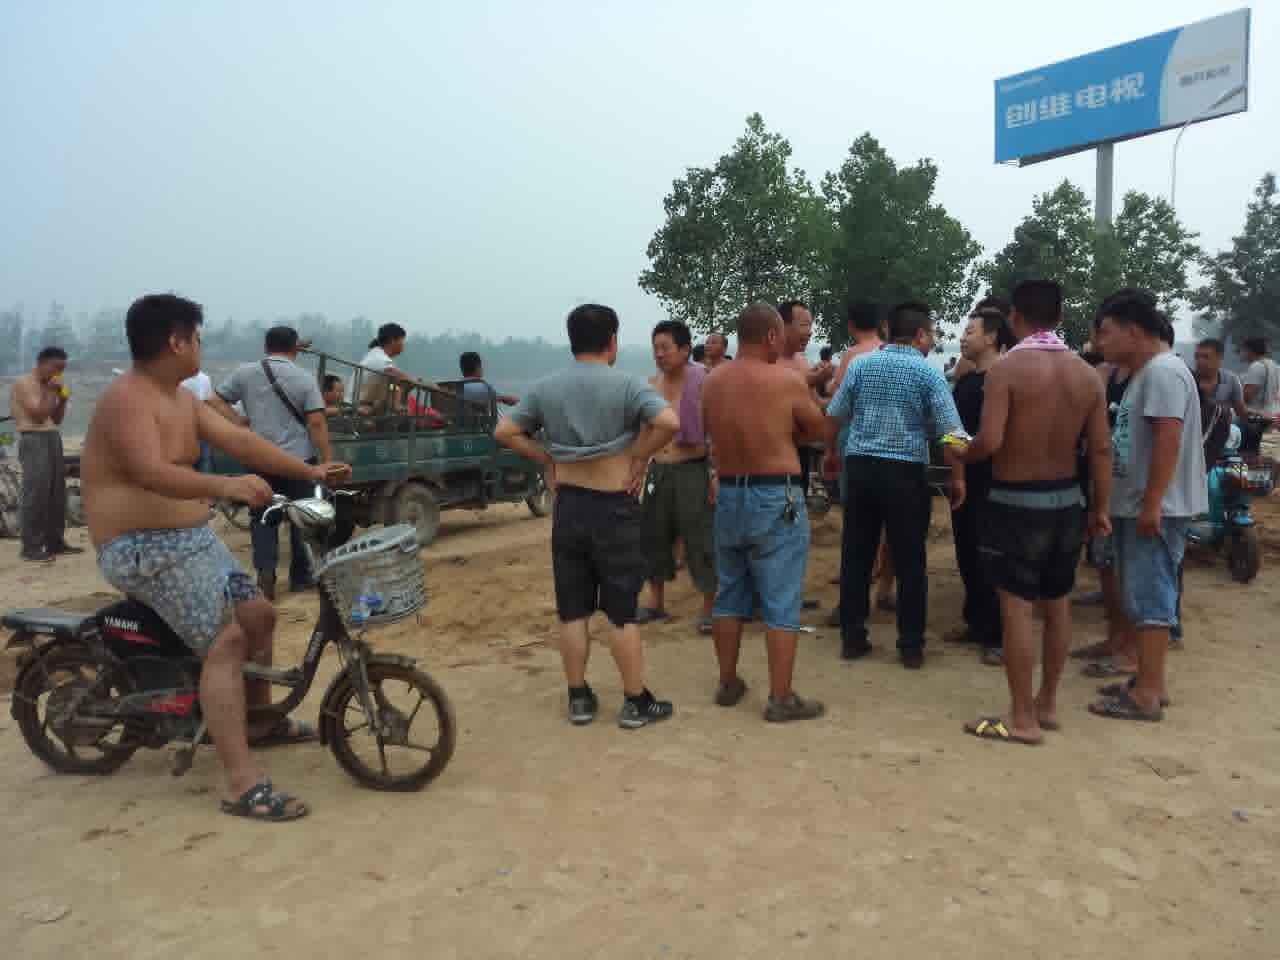 大众愤恨诘责,当局为何不安排救灾。21记者现场察看,今朝大贤村救灾力气均为本地乡民和外埠营救团队,不见当局营救力气踪迹。